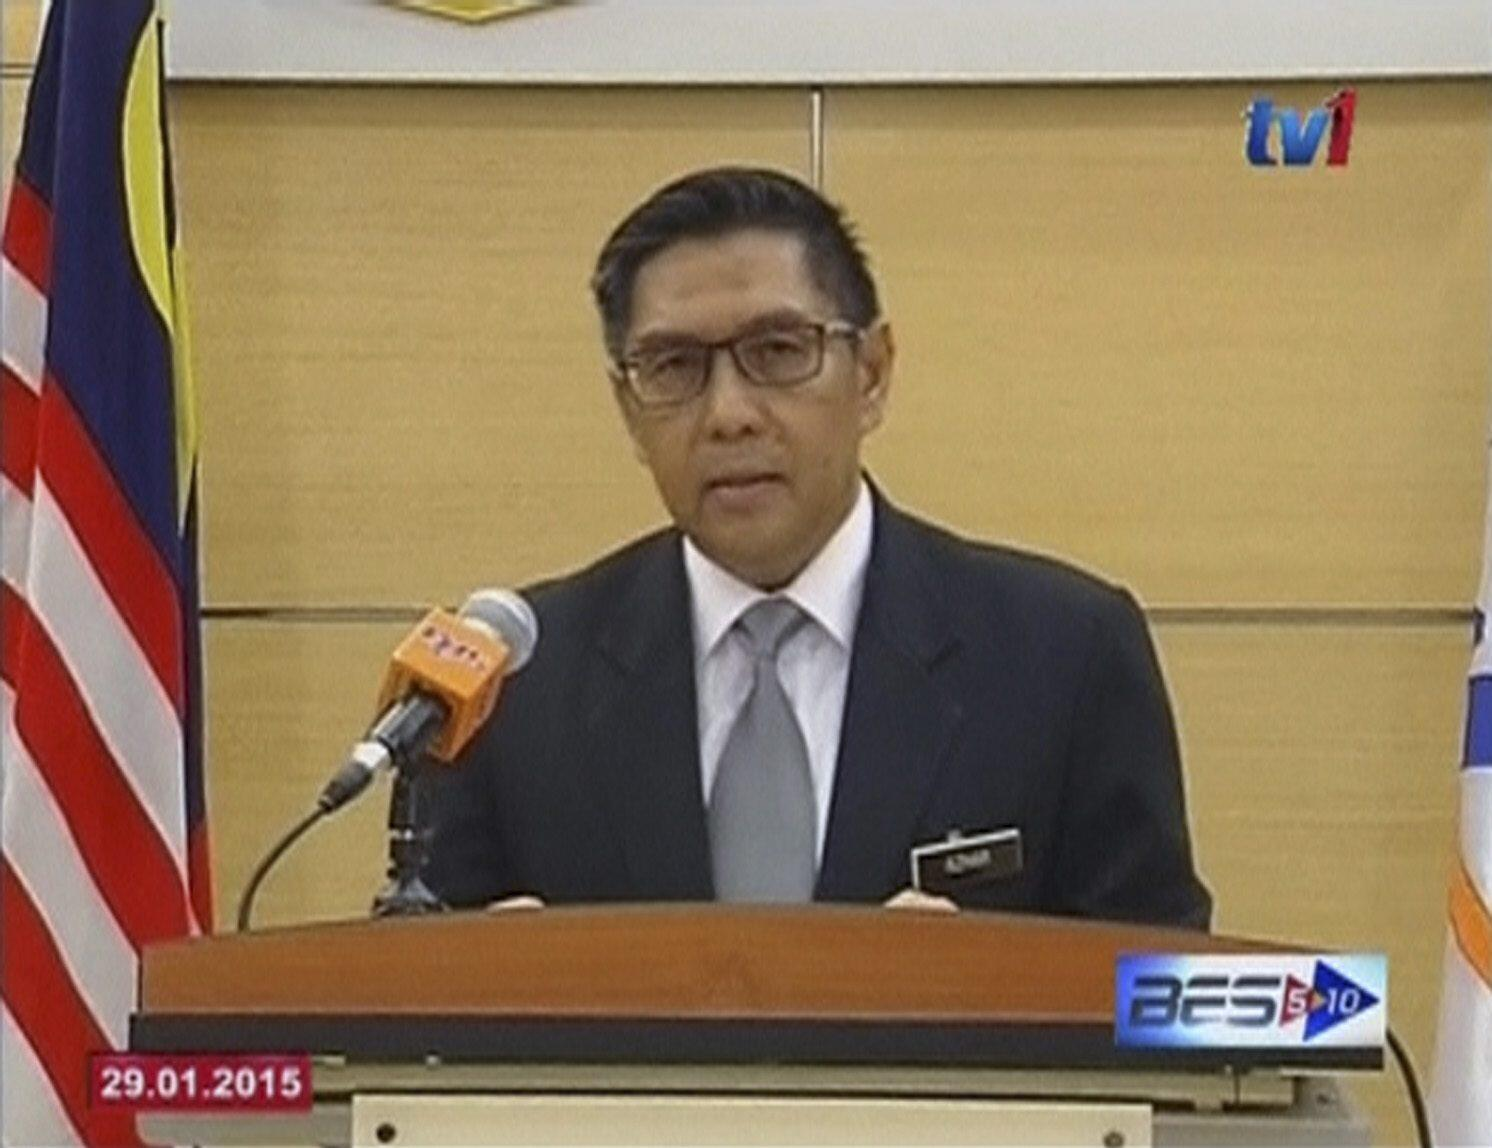 Le chef de l'aviation civile malaisienne, Azharuddin Abdul Rahman, a déclaré à la télévision que  la disparition mystérieuse du vol MH370 en mars 2014 était un «accident».